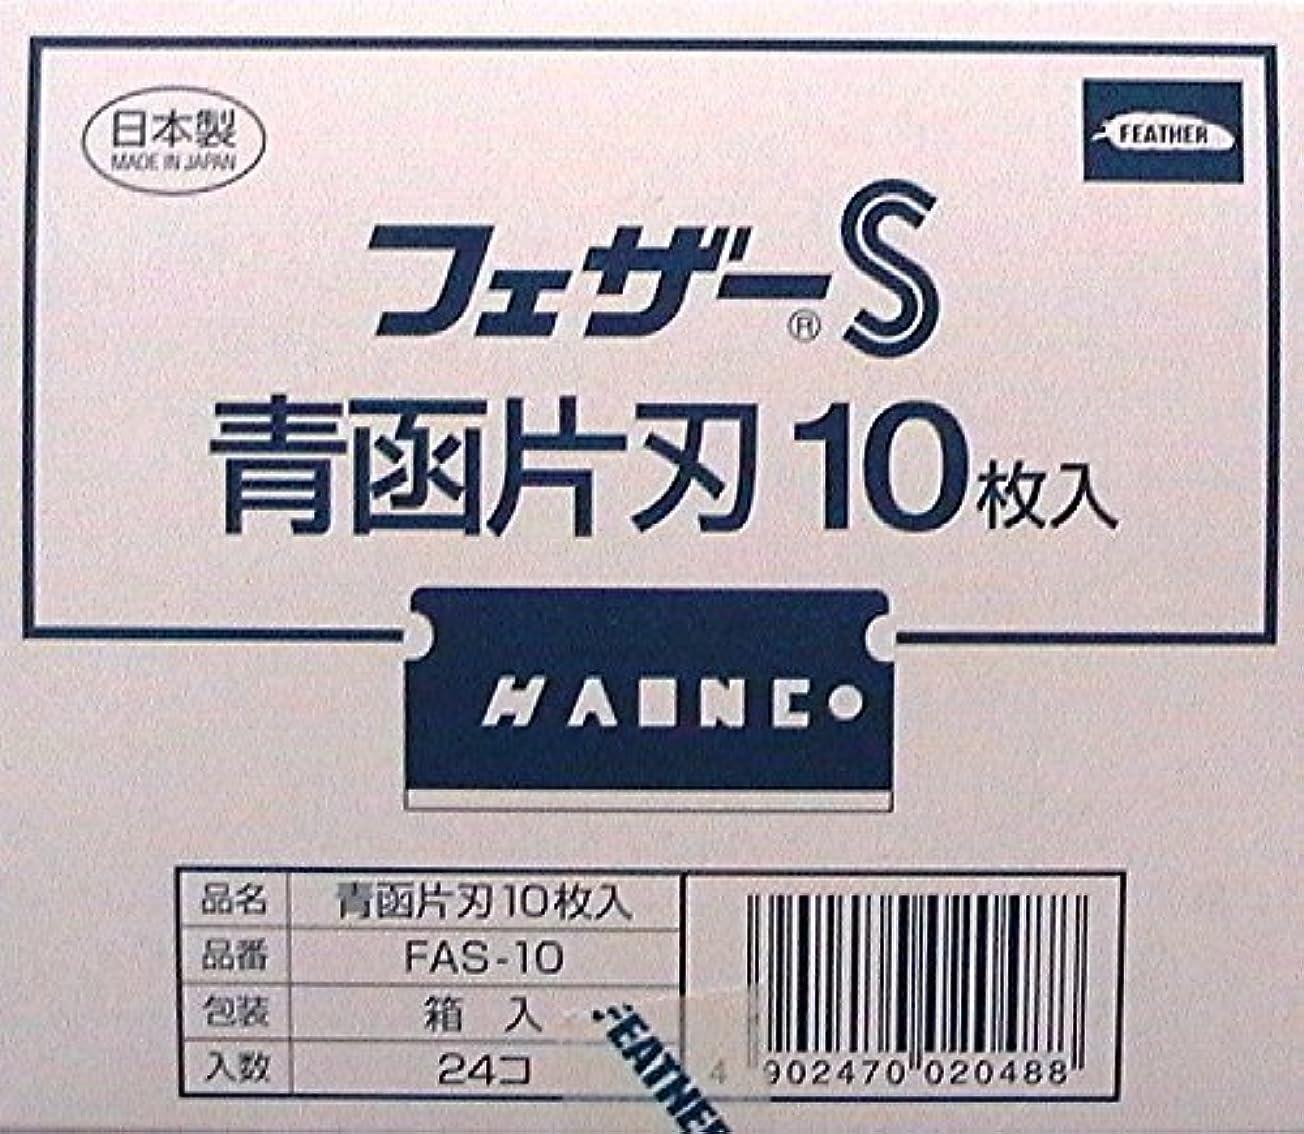 顎構成する密度フェザーS 青函片刃 FAS-10箱入り10枚入り×24箱(240枚入り)